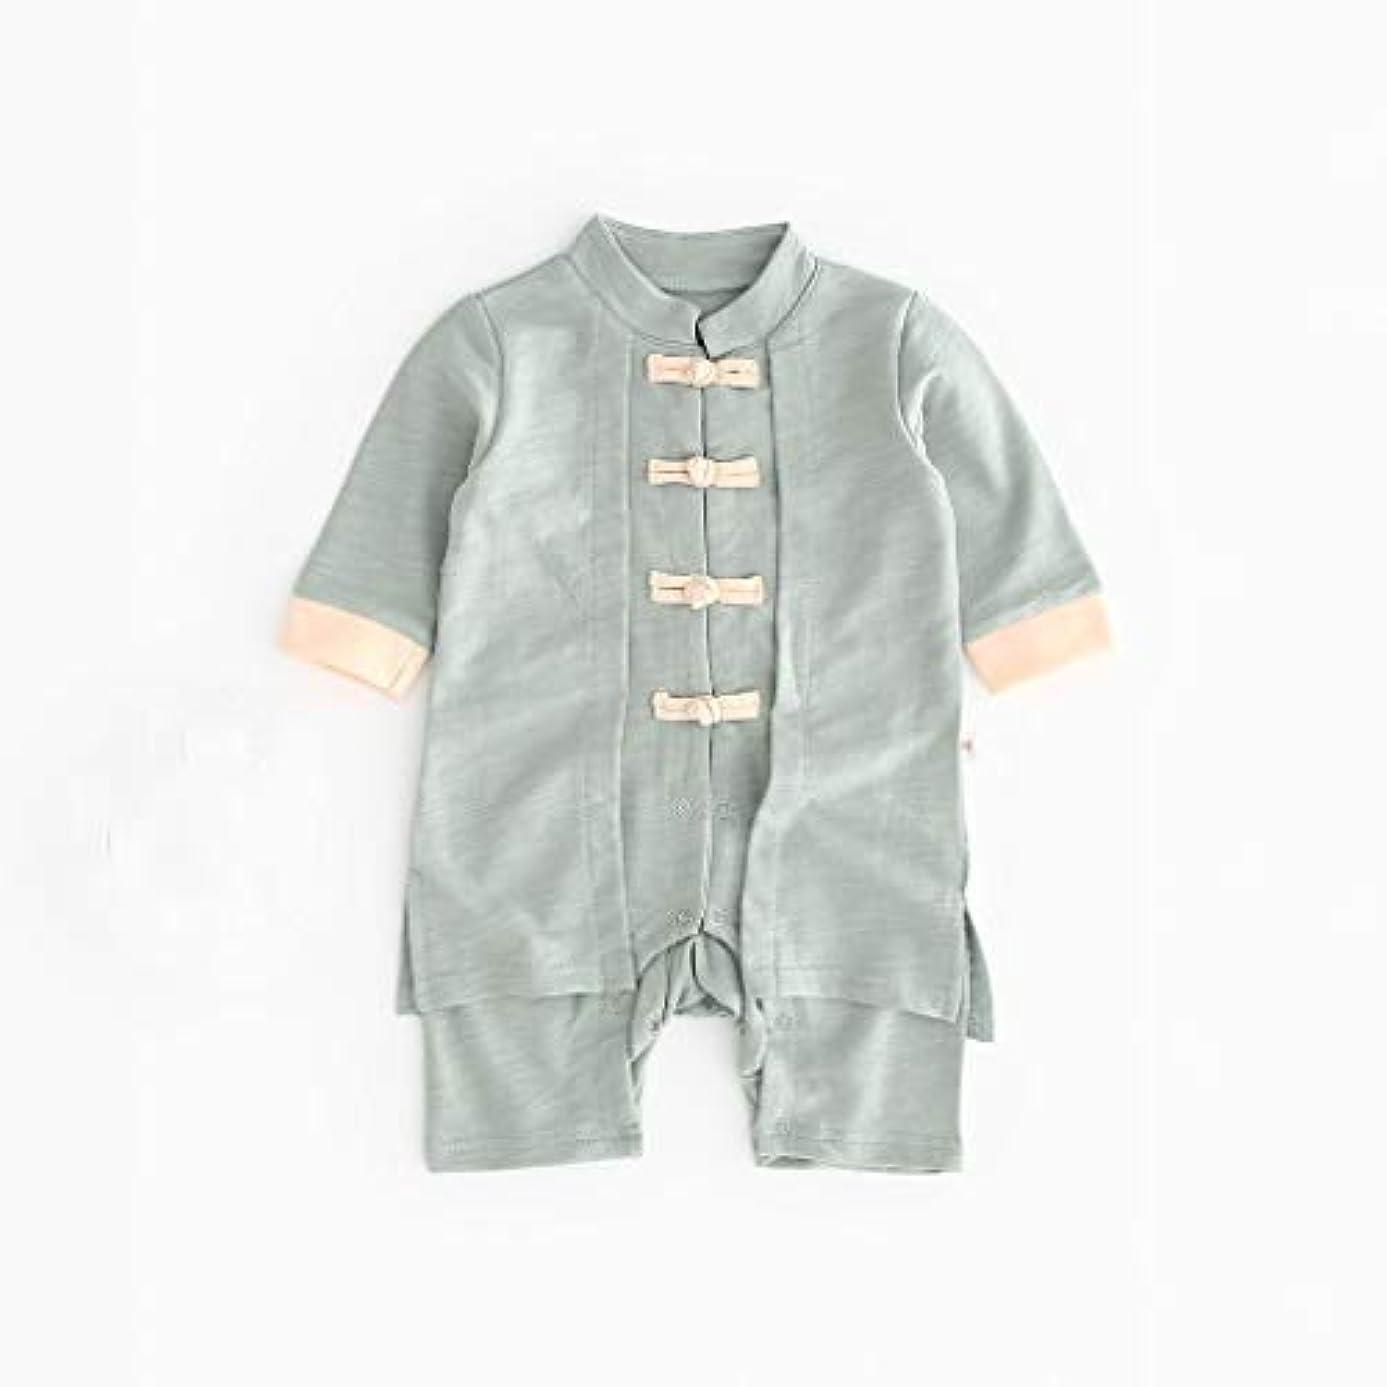 ゆるく忠実に魔法かわいいボタン漢風生まれたばかりの赤ちゃん男の子女の子ボタン固体ロンパースジャンプスーツ着物服パジャマ女の子男の子レターストライプ長袖コットンロンパースジャンプスーツ